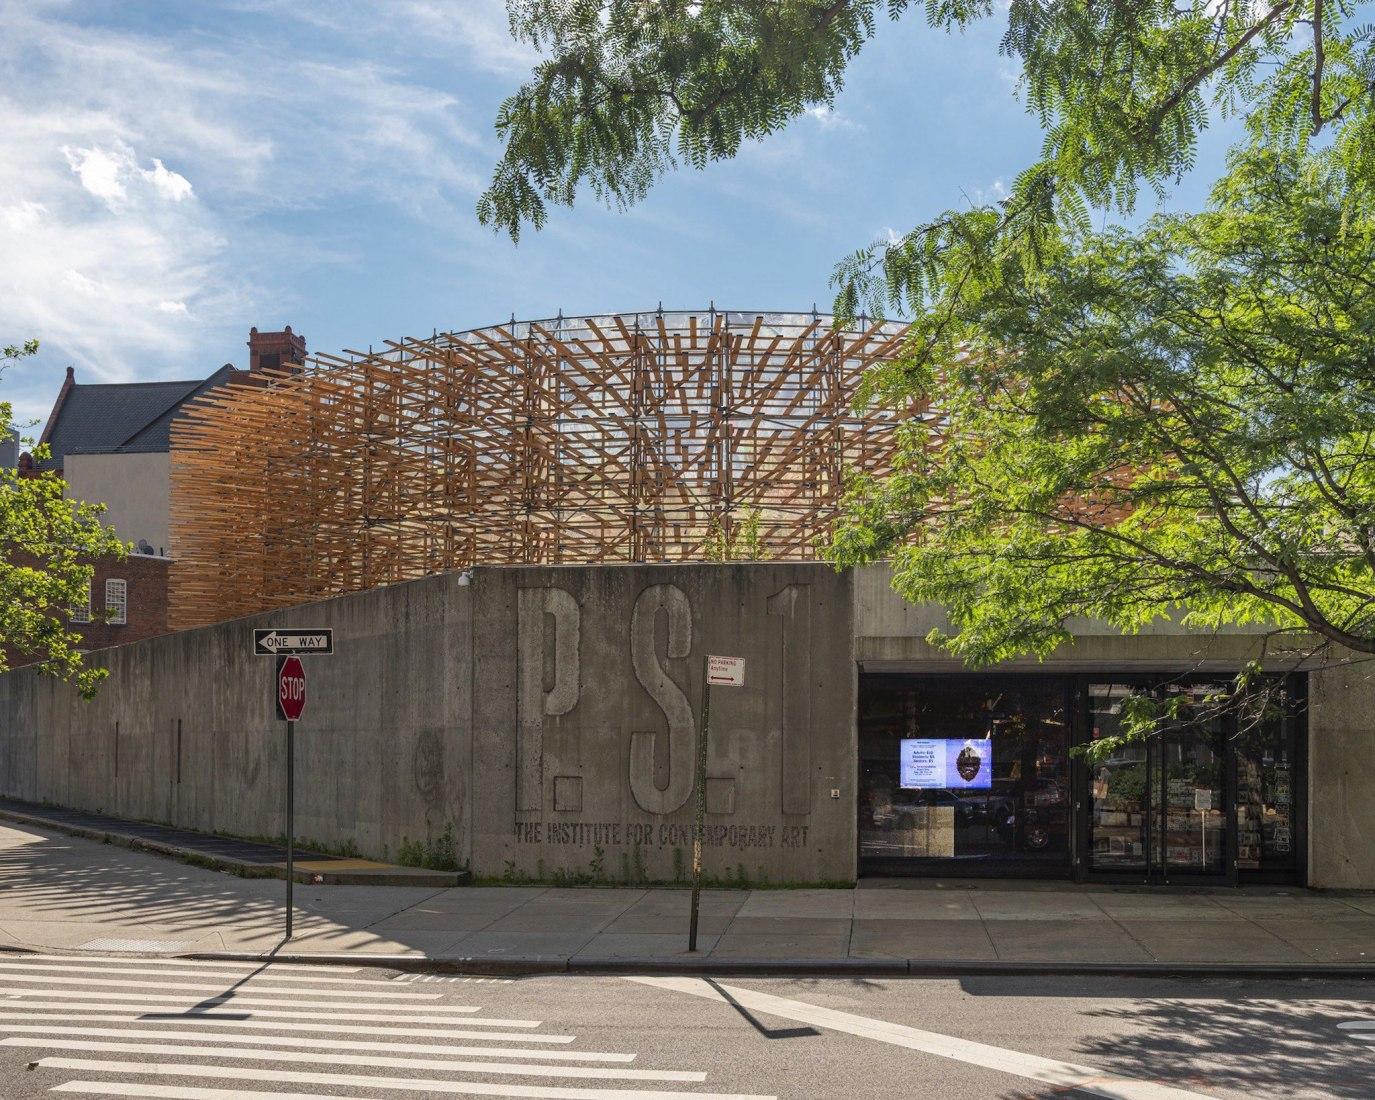 Hórama Rama por Pedro & Juana, presentado como parte del Young Architects Program 2019 en el MoMA PS1. Fotografía por Kris Graves